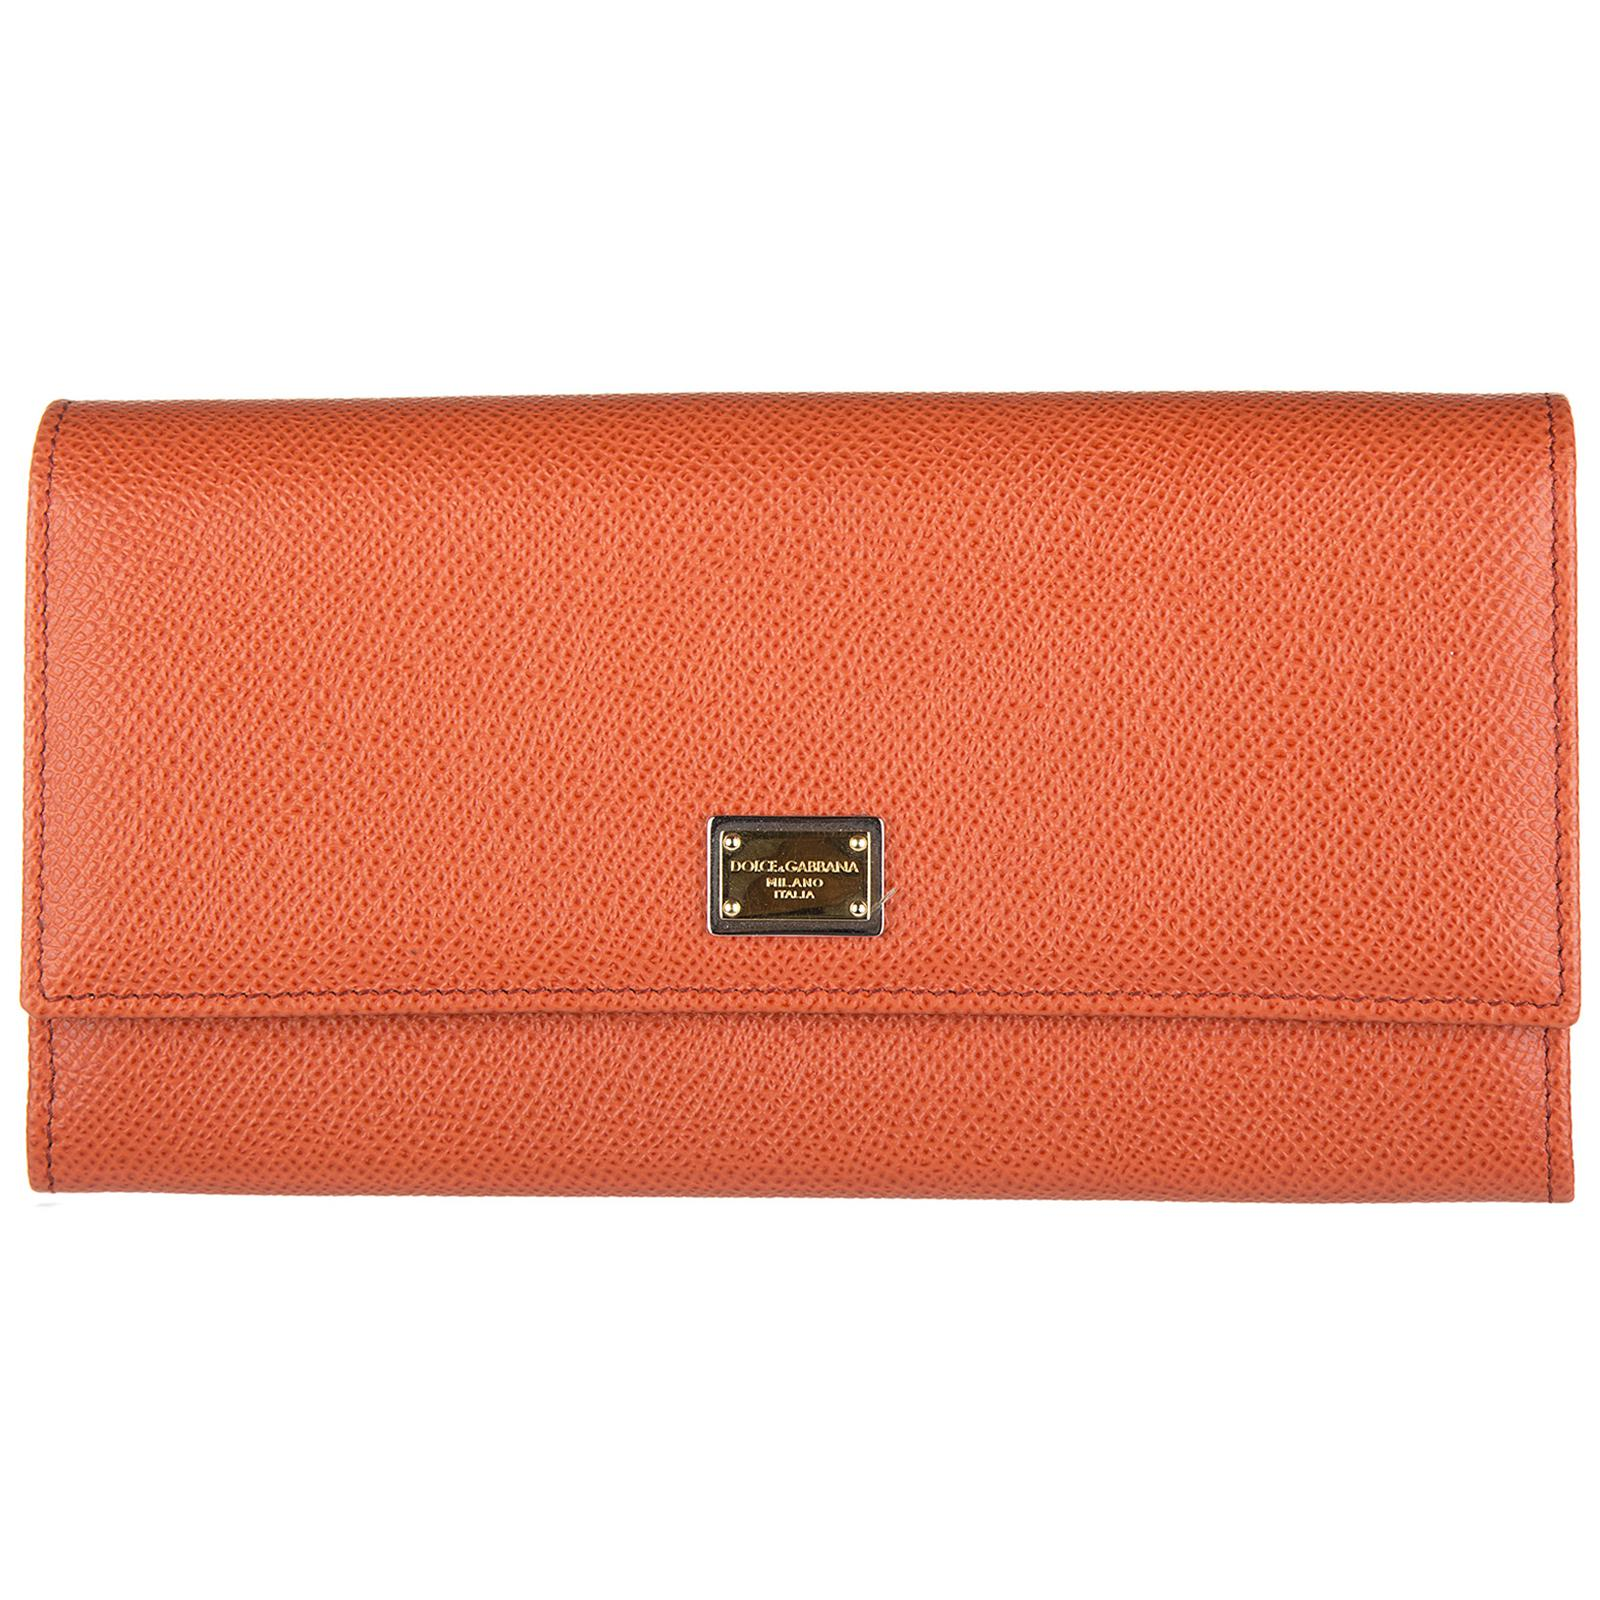 dd38b9253519 Dolce & Gabbana. Women's Orange Wallet Genuine Leather Coin Case Holder  Purse Card Bifold